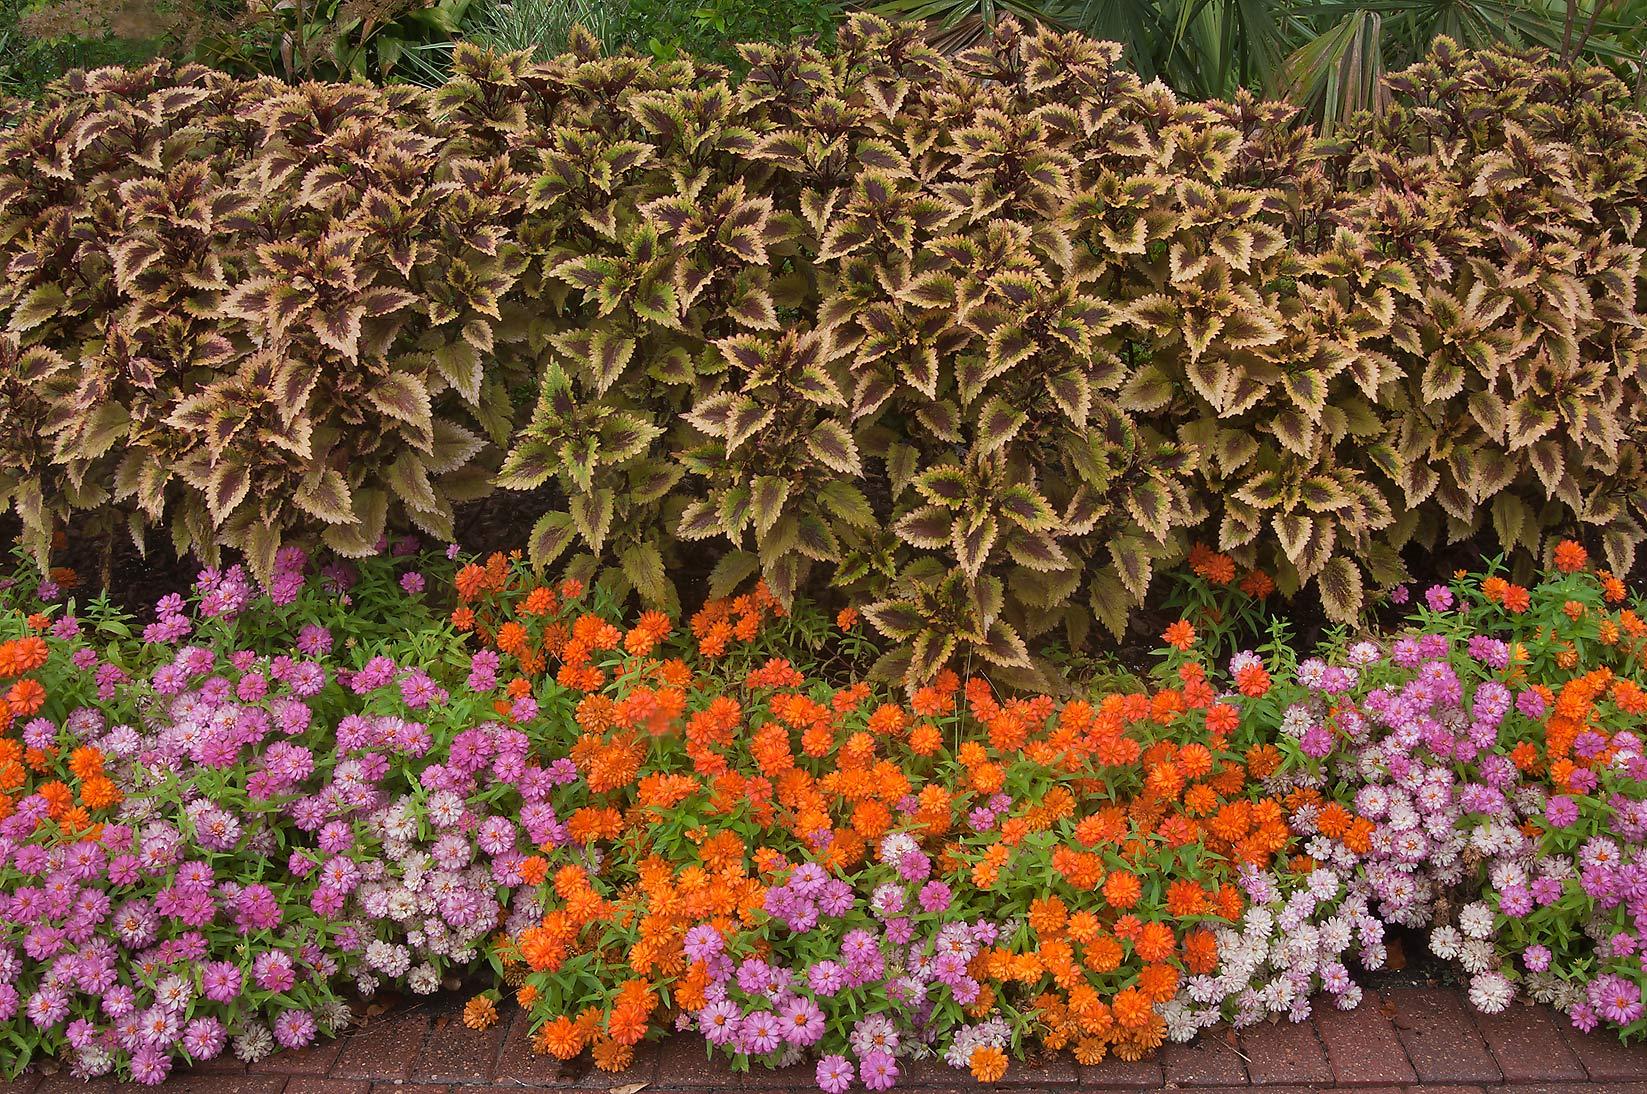 Photo 1112-10: Coleus and profusion zinnia in Mercer Arboretum ...